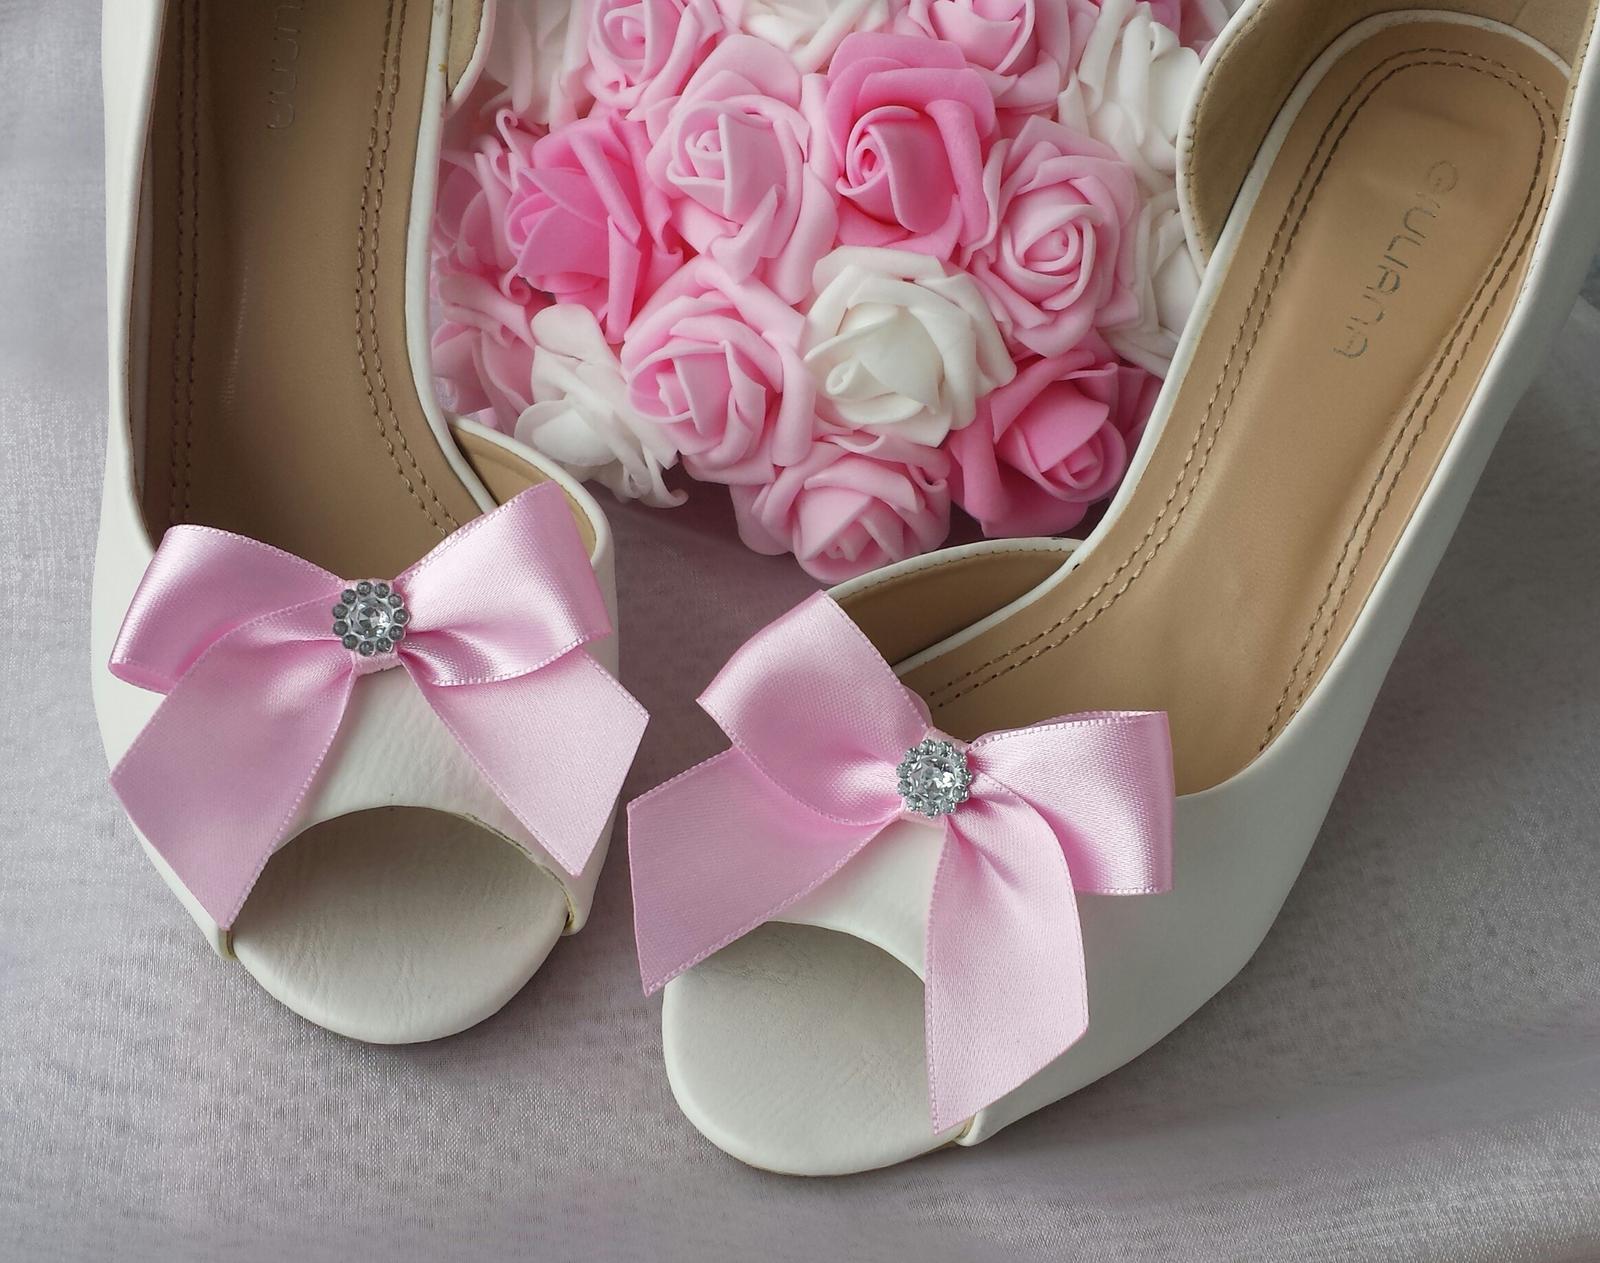 Klipy na boty barva a tvar dle přání - Obrázek č. 80